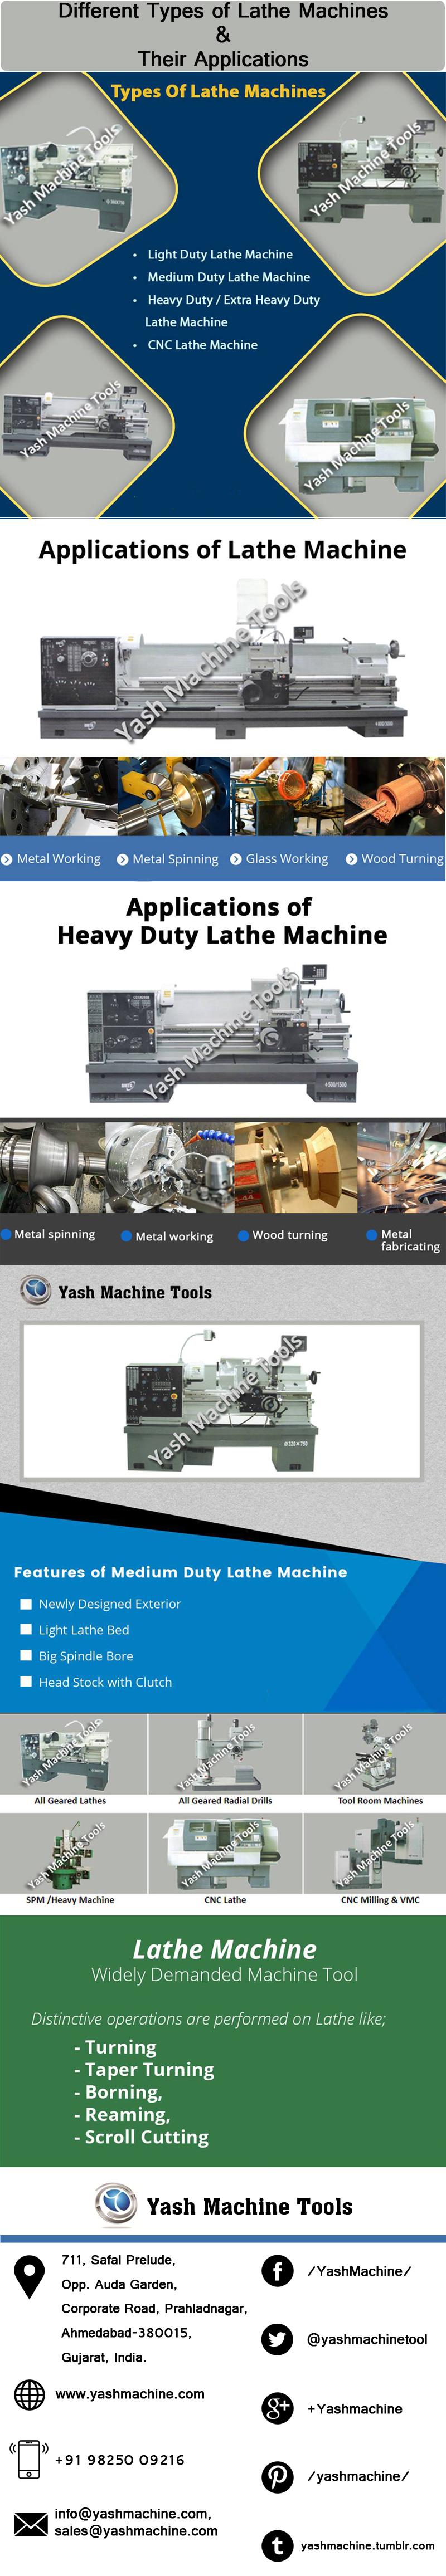 Medium Duty Lathe | Yash Machine